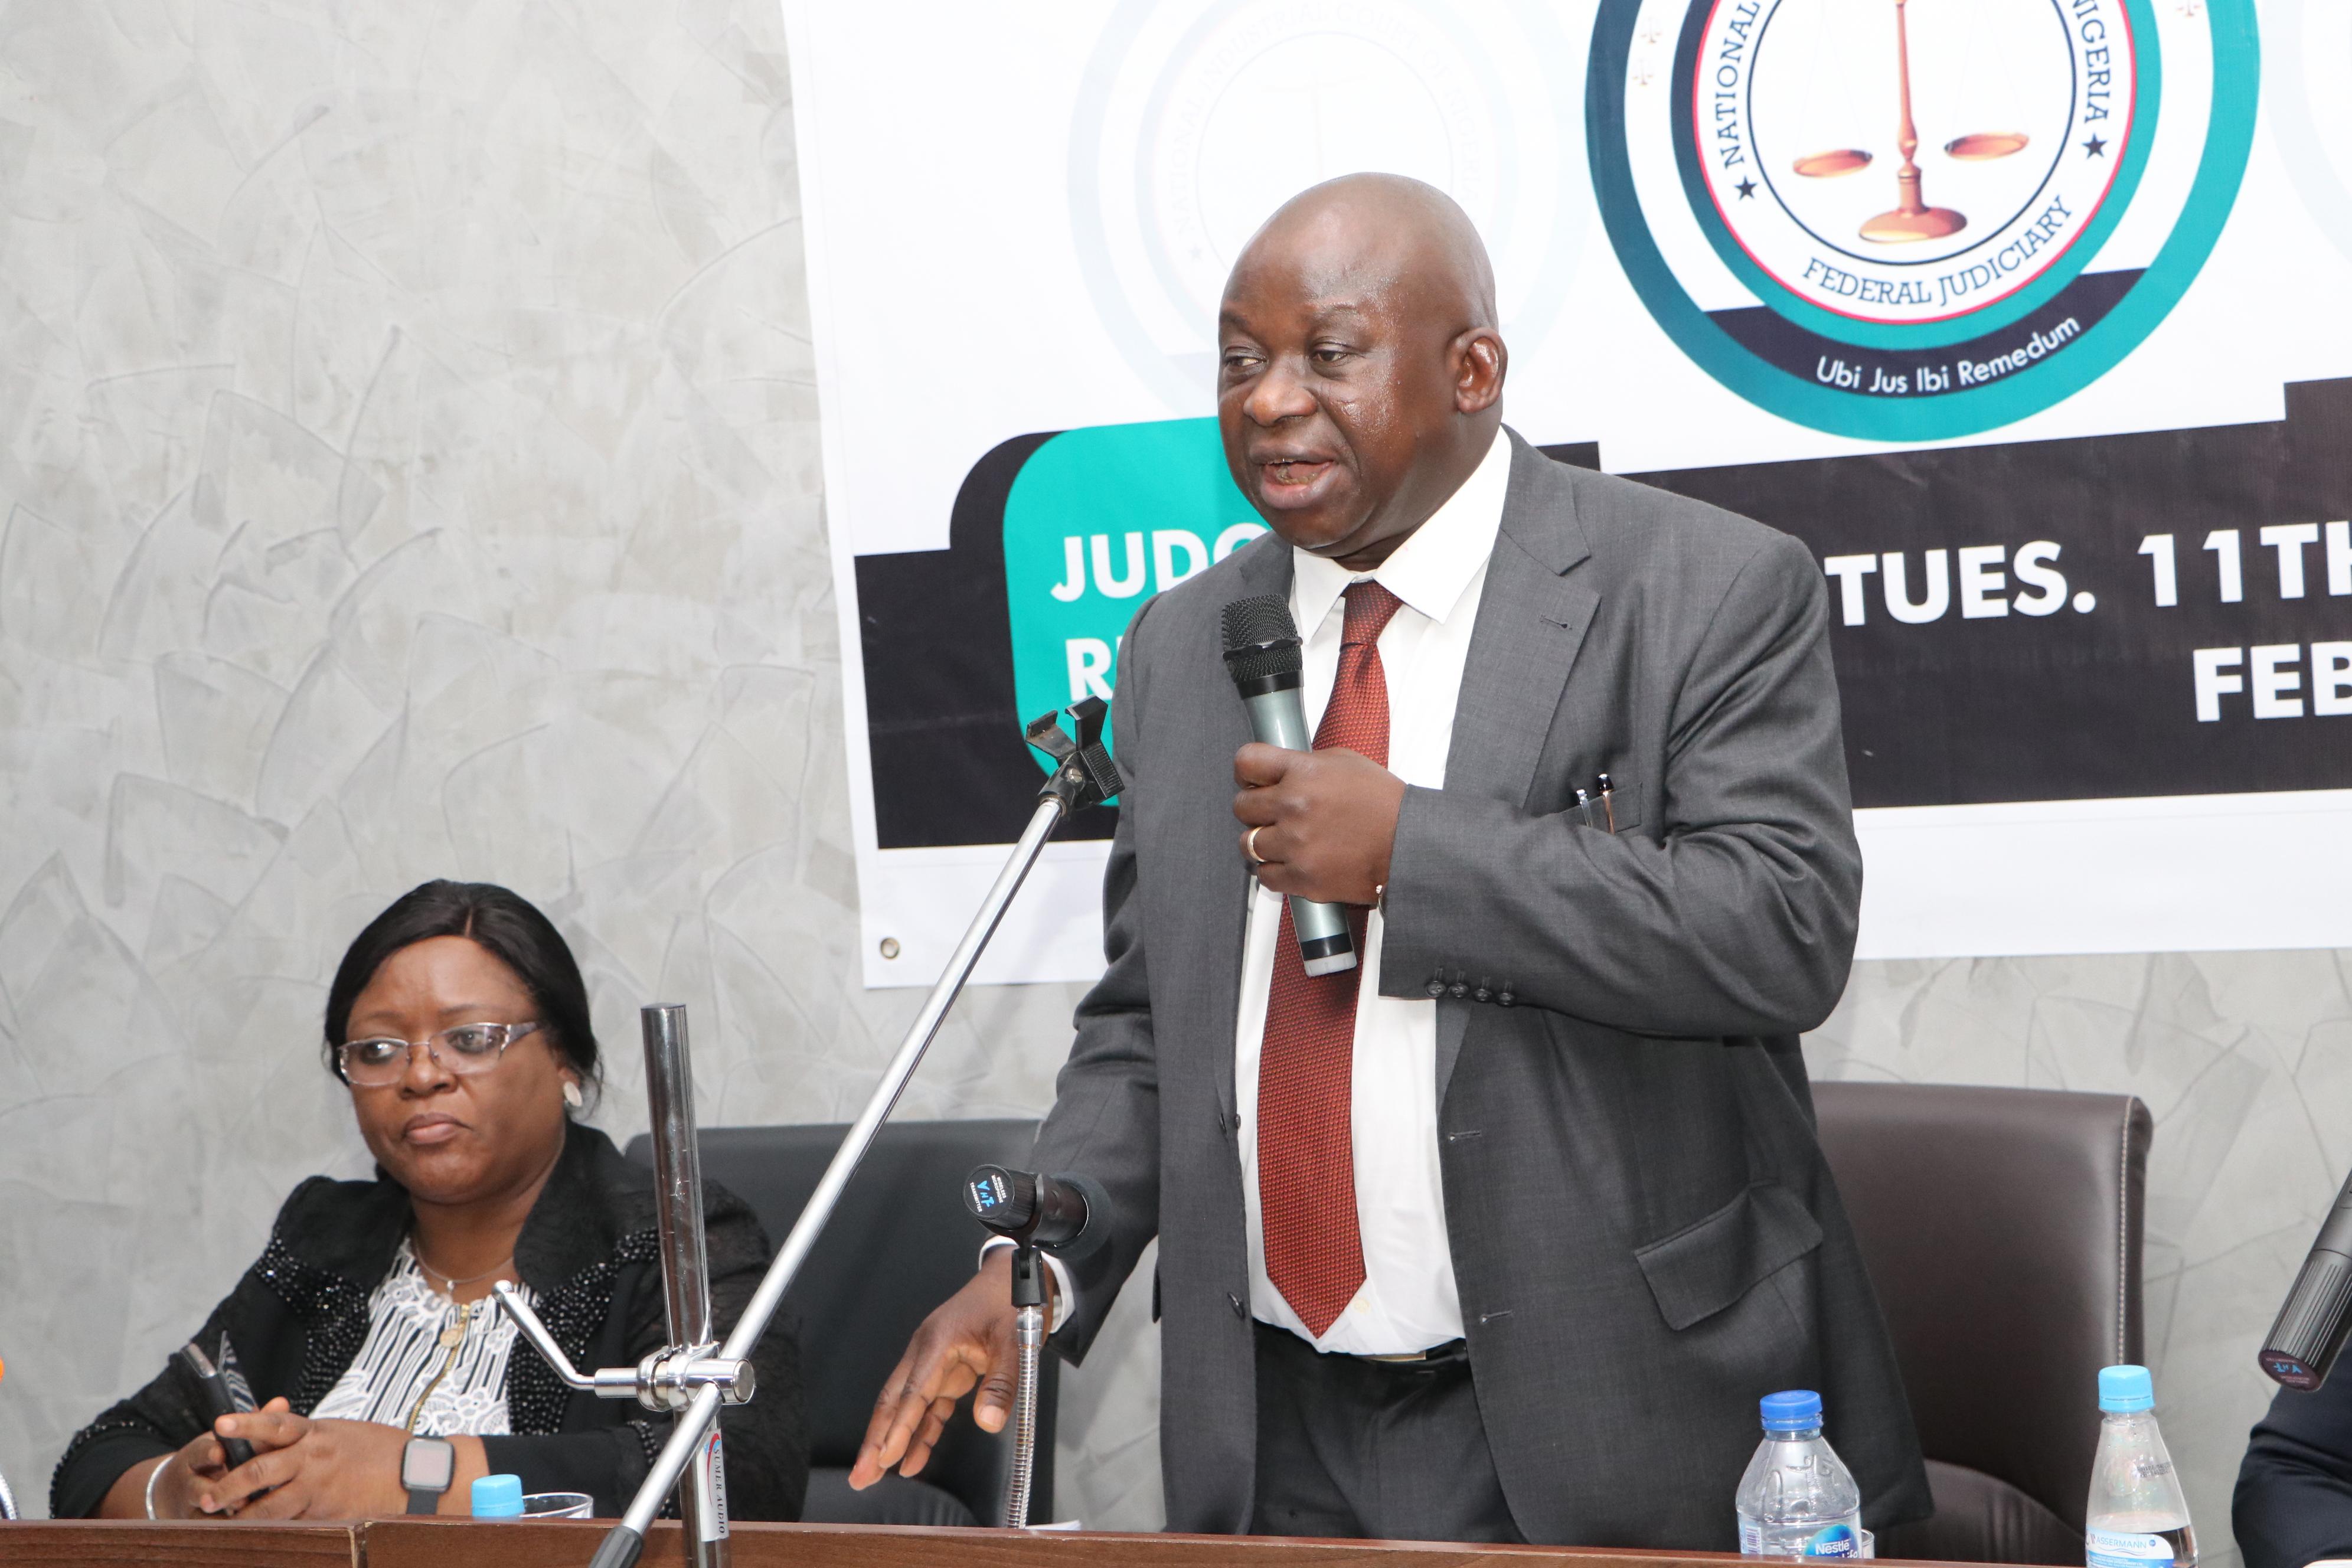 Judges Retreat 2020